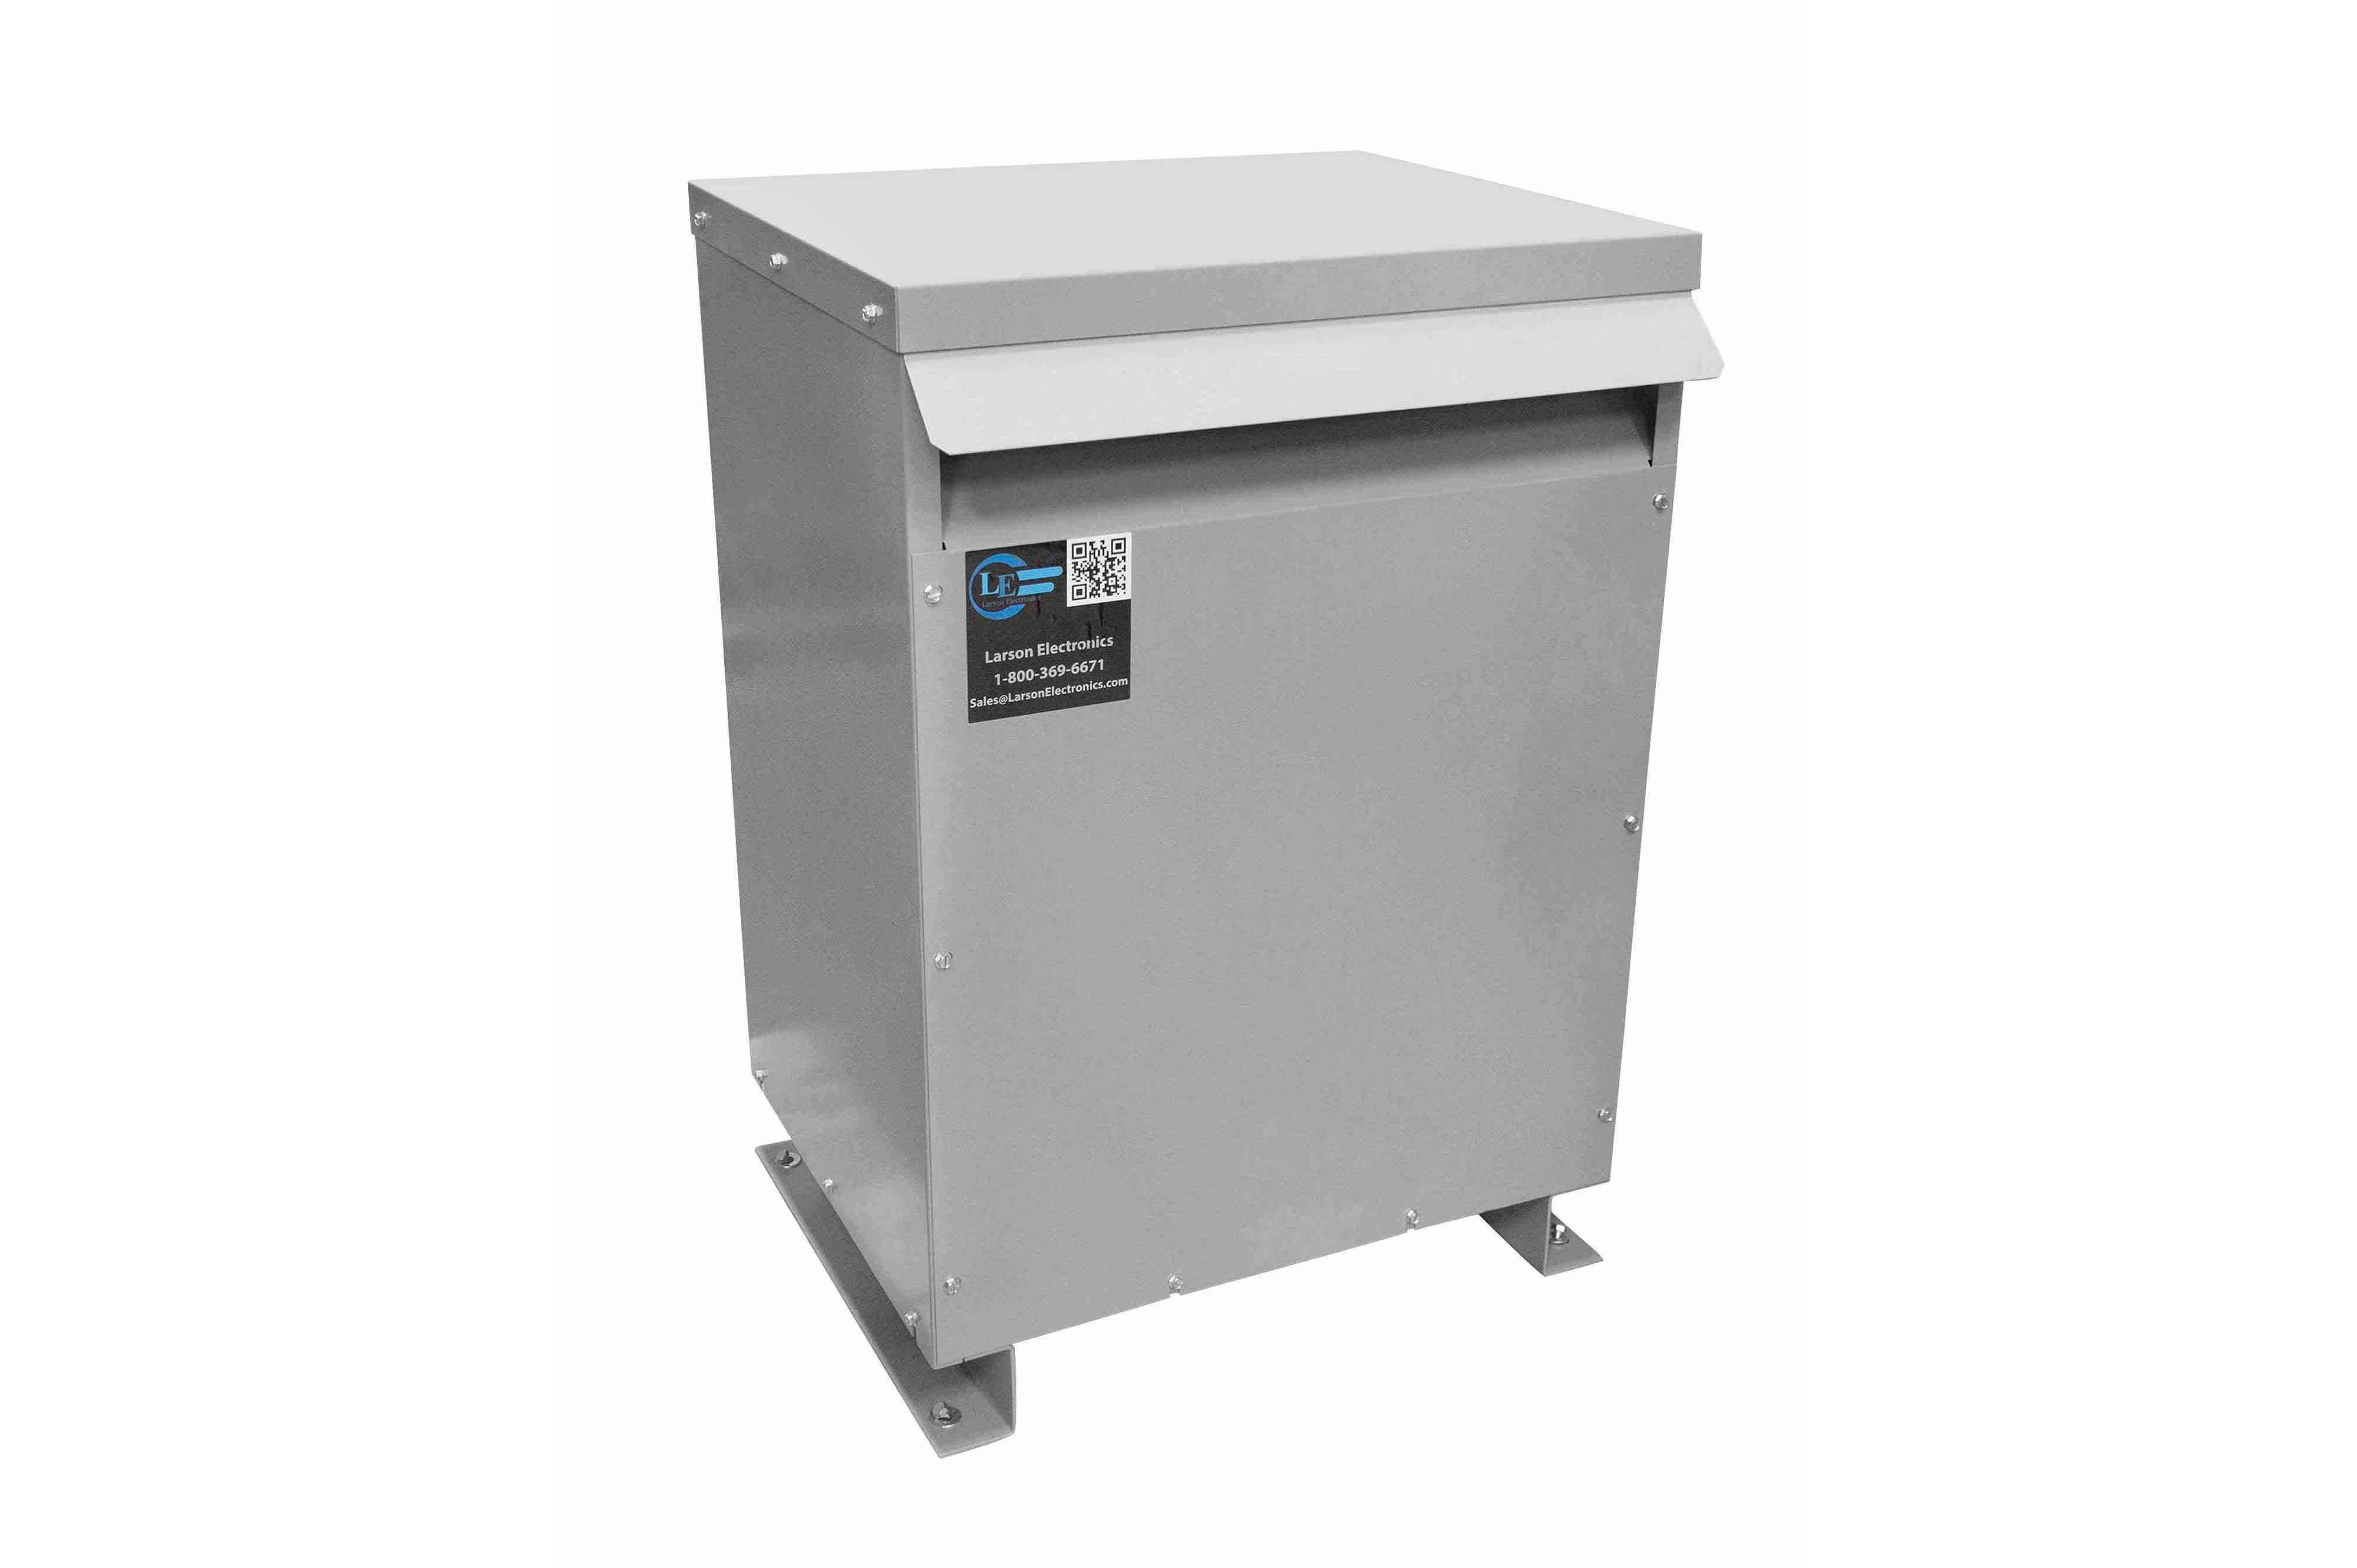 20 kVA 3PH DOE Transformer, 380V Delta Primary, 240V/120 Delta Secondary, N3R, Ventilated, 60 Hz